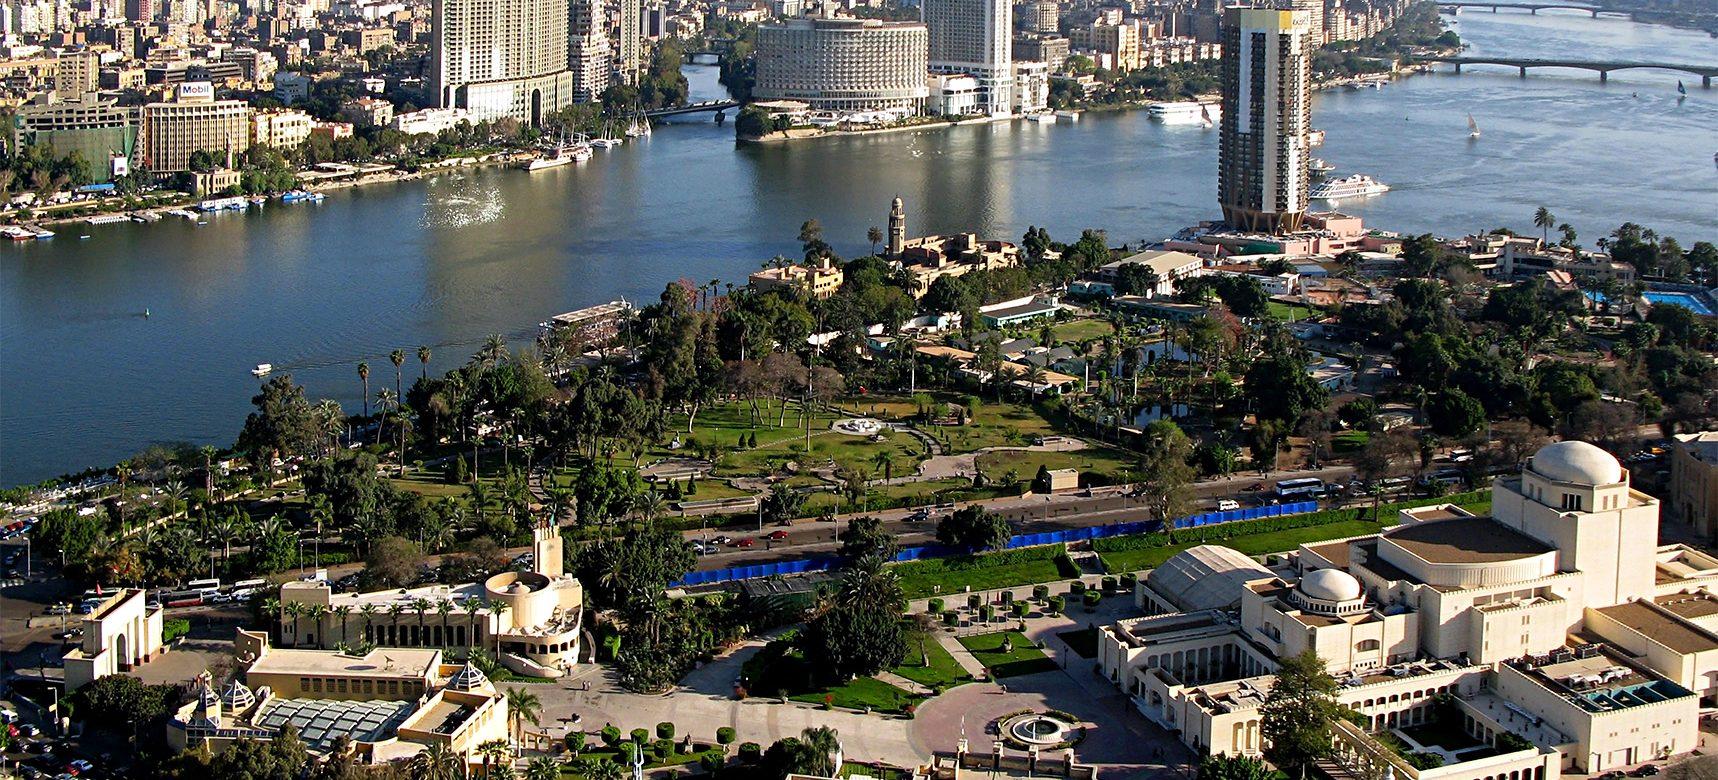 Egypte : L'Etat a décidé d'interrompre la vente de certains de ses actifs qu'il détient au sein des entreprises publiques